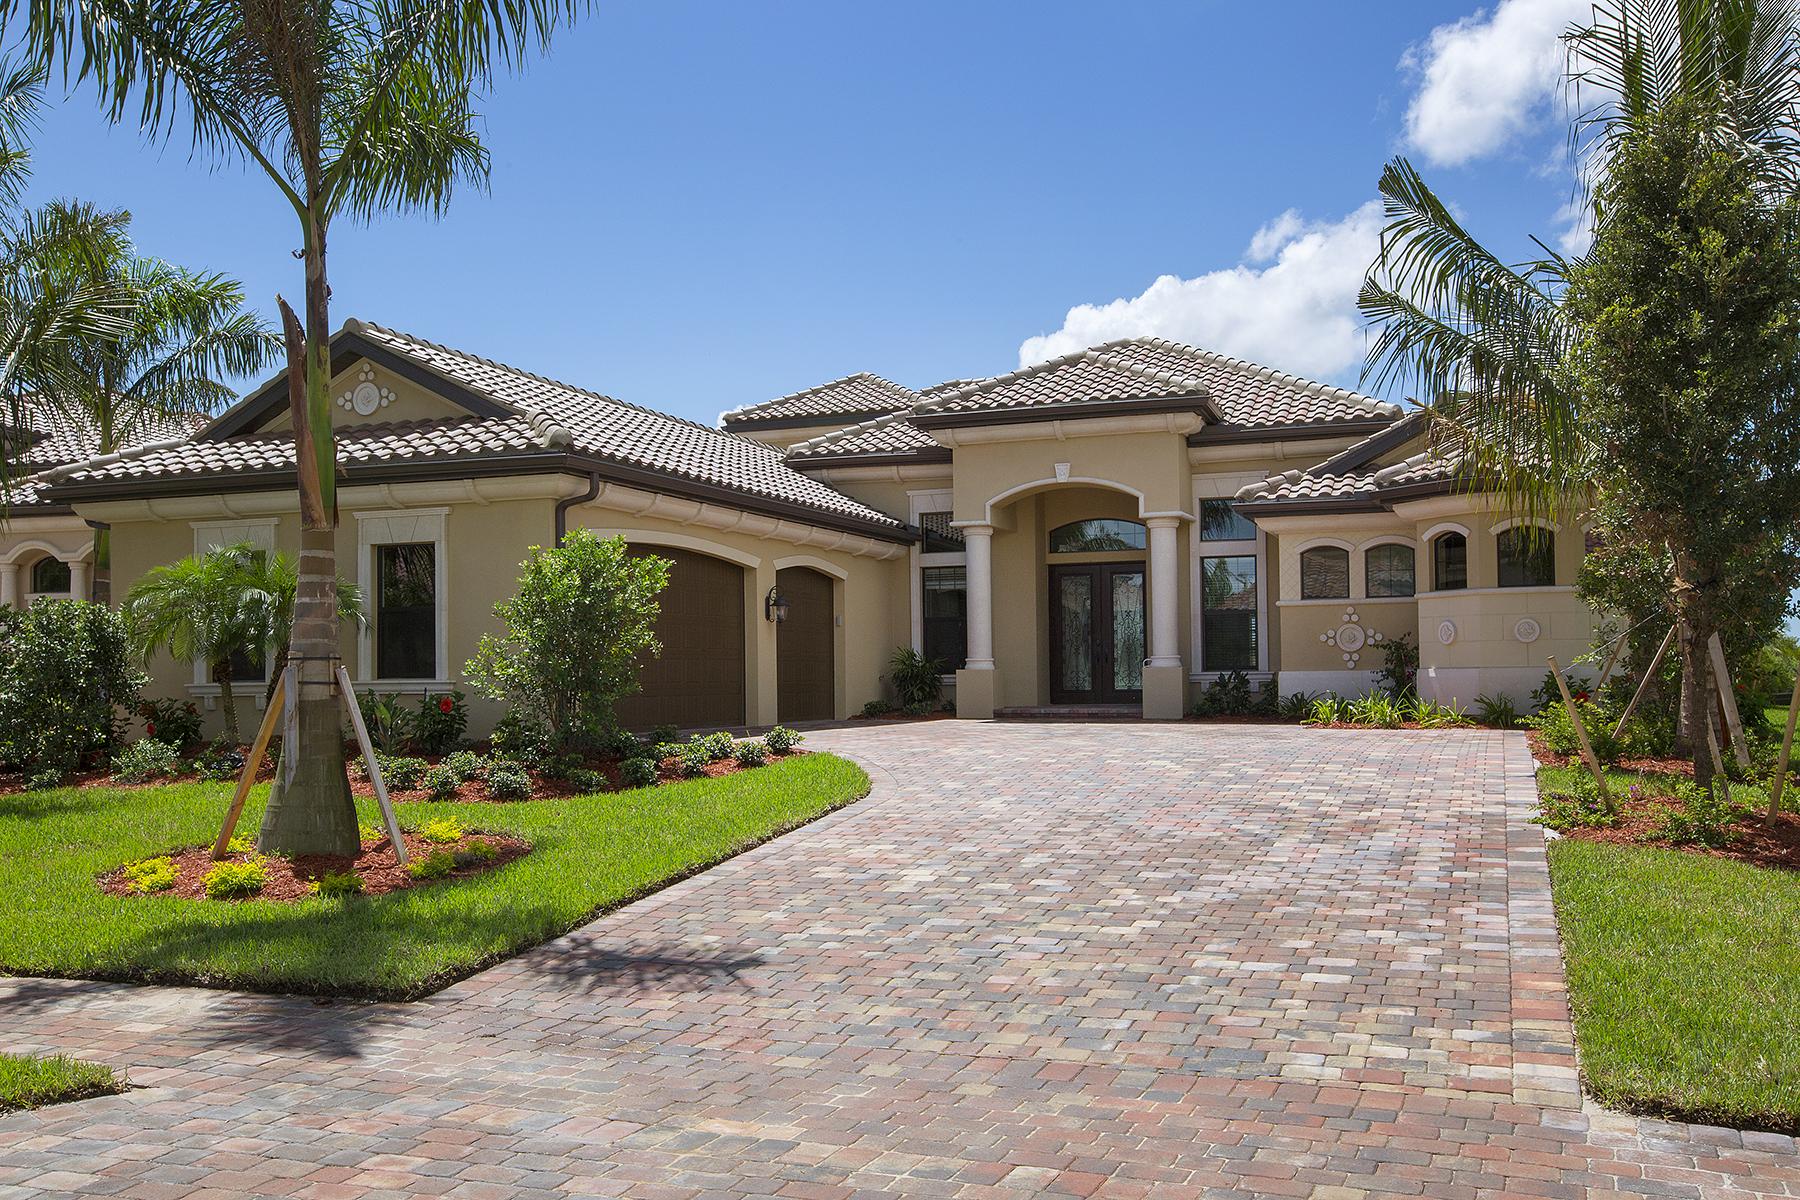 Nhà ở một gia đình vì Bán tại FIDDLER'S CREEK - RUNAWAY BAY 3278 Runaway Ln Naples, Florida, 34114 Hoa Kỳ